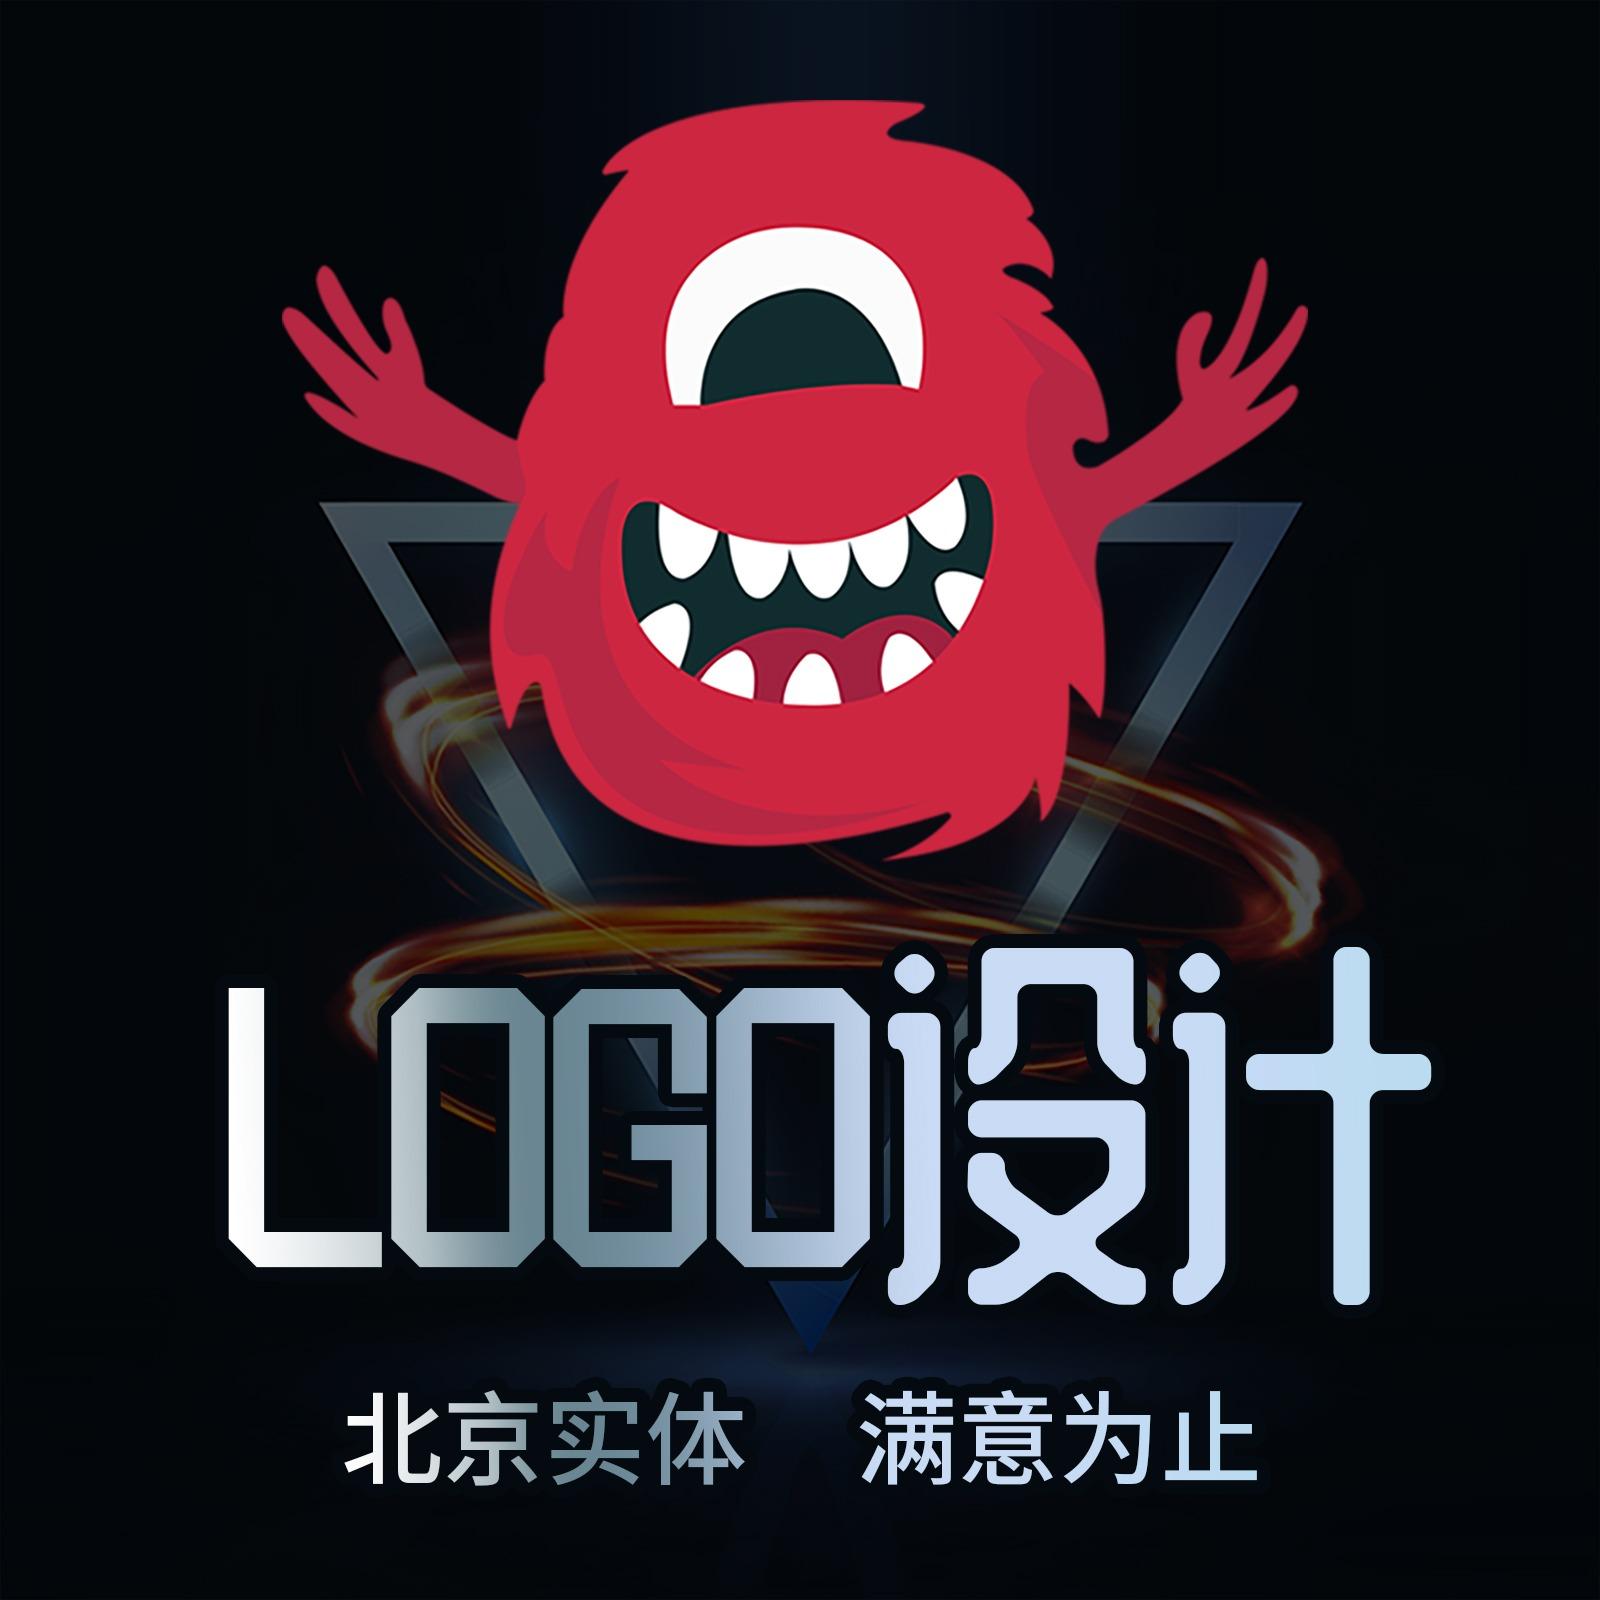 logo设计品牌商标定制原创高端英文LOGO满意为止总监操刀